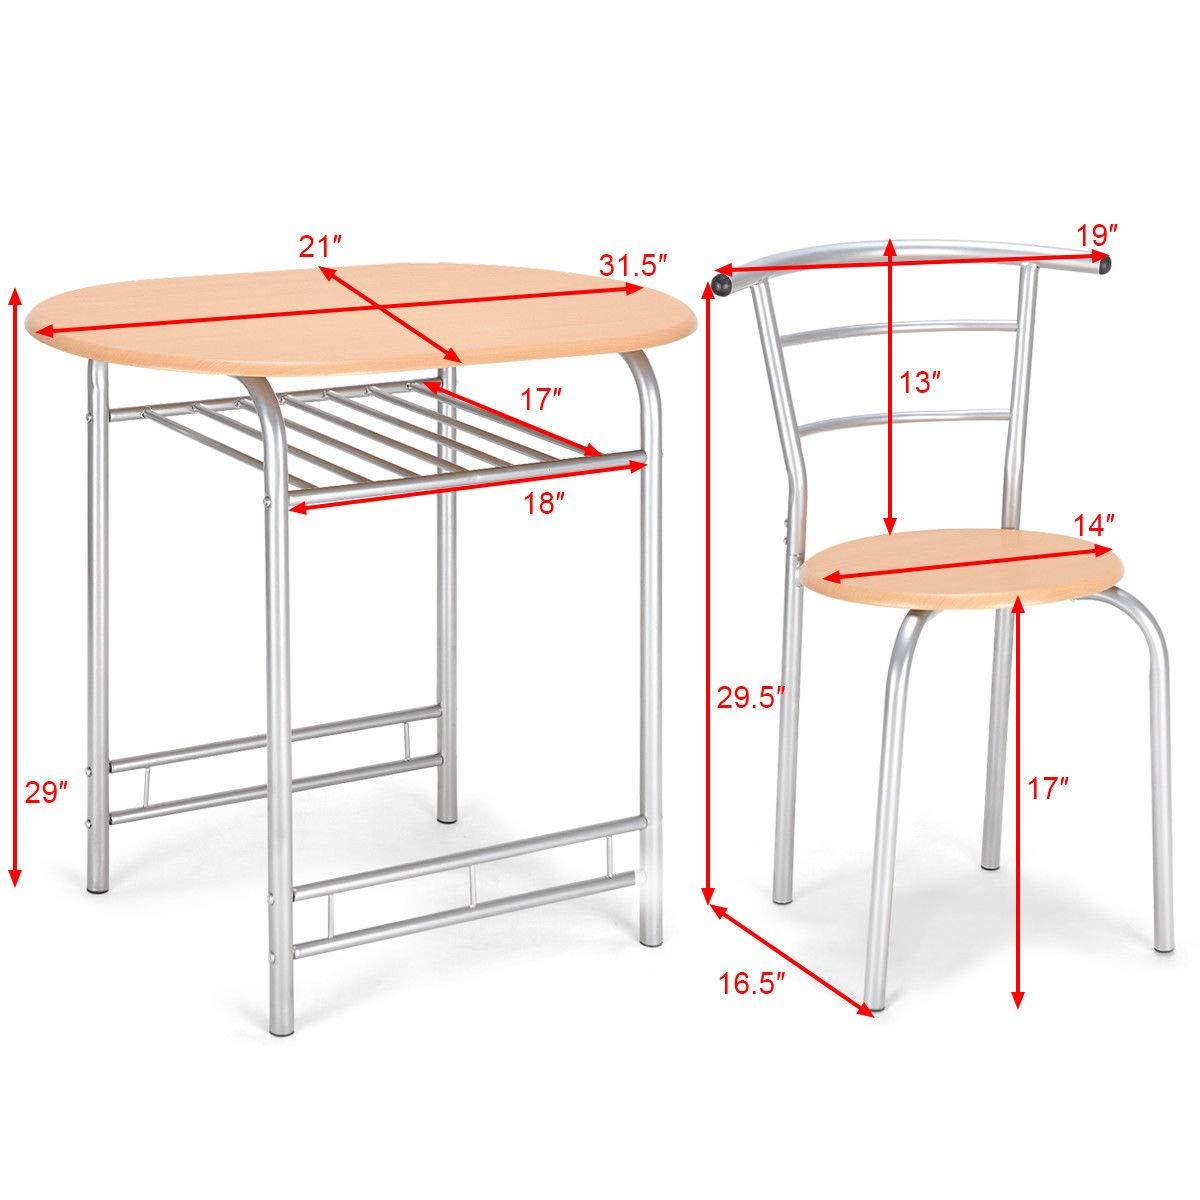 Amazon.com: Juego de 3 sillones de acero ovalados de madera ...